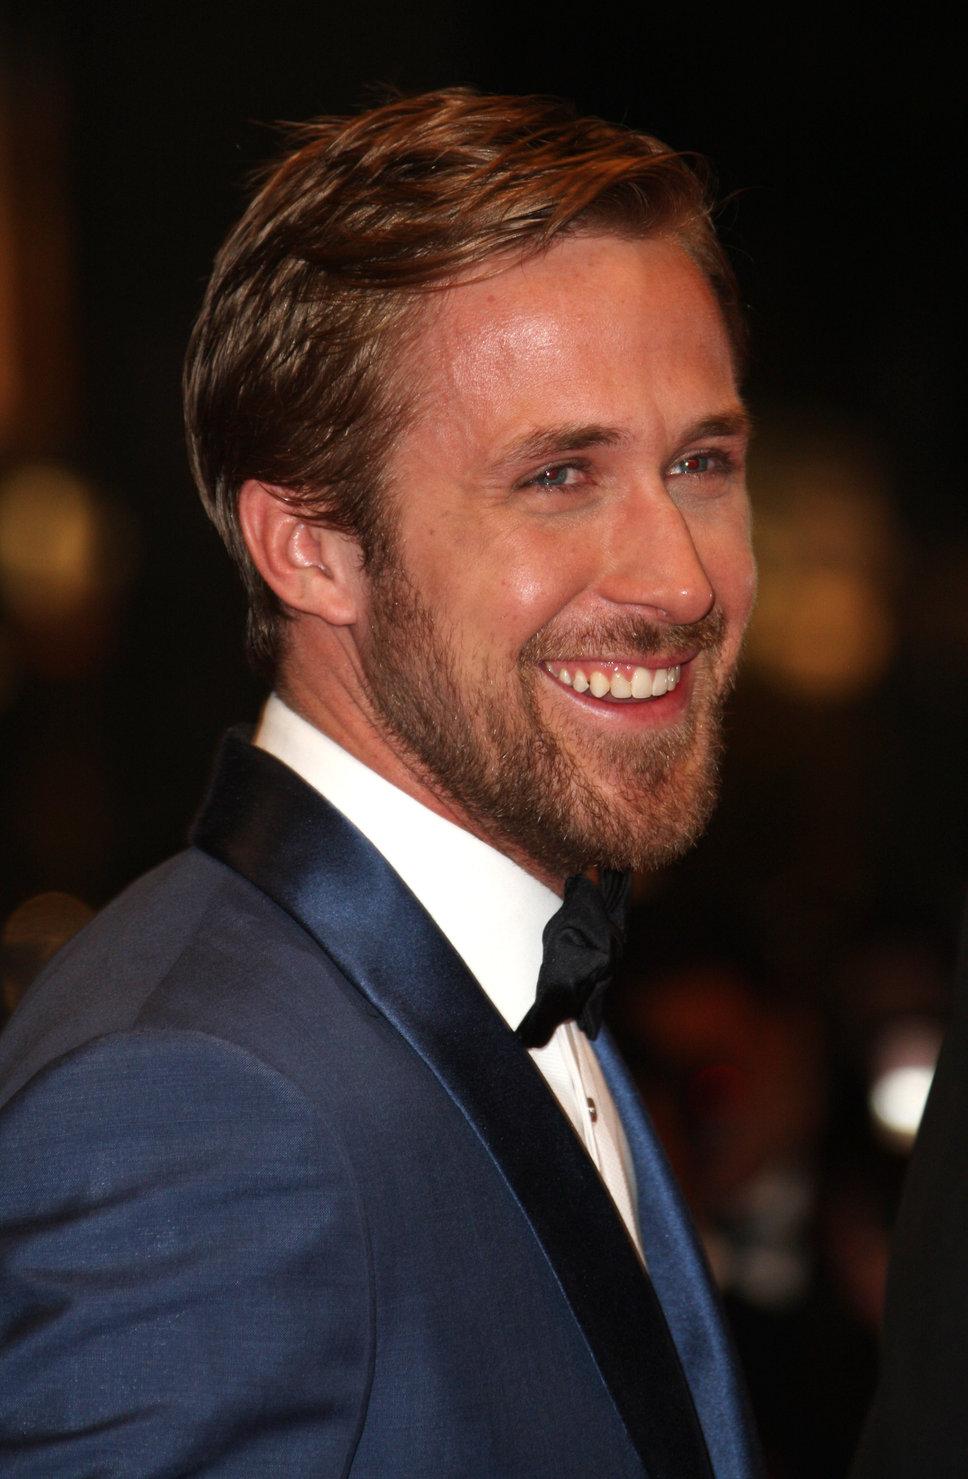 ryan_gosling_blonde_beard_blue.jpg